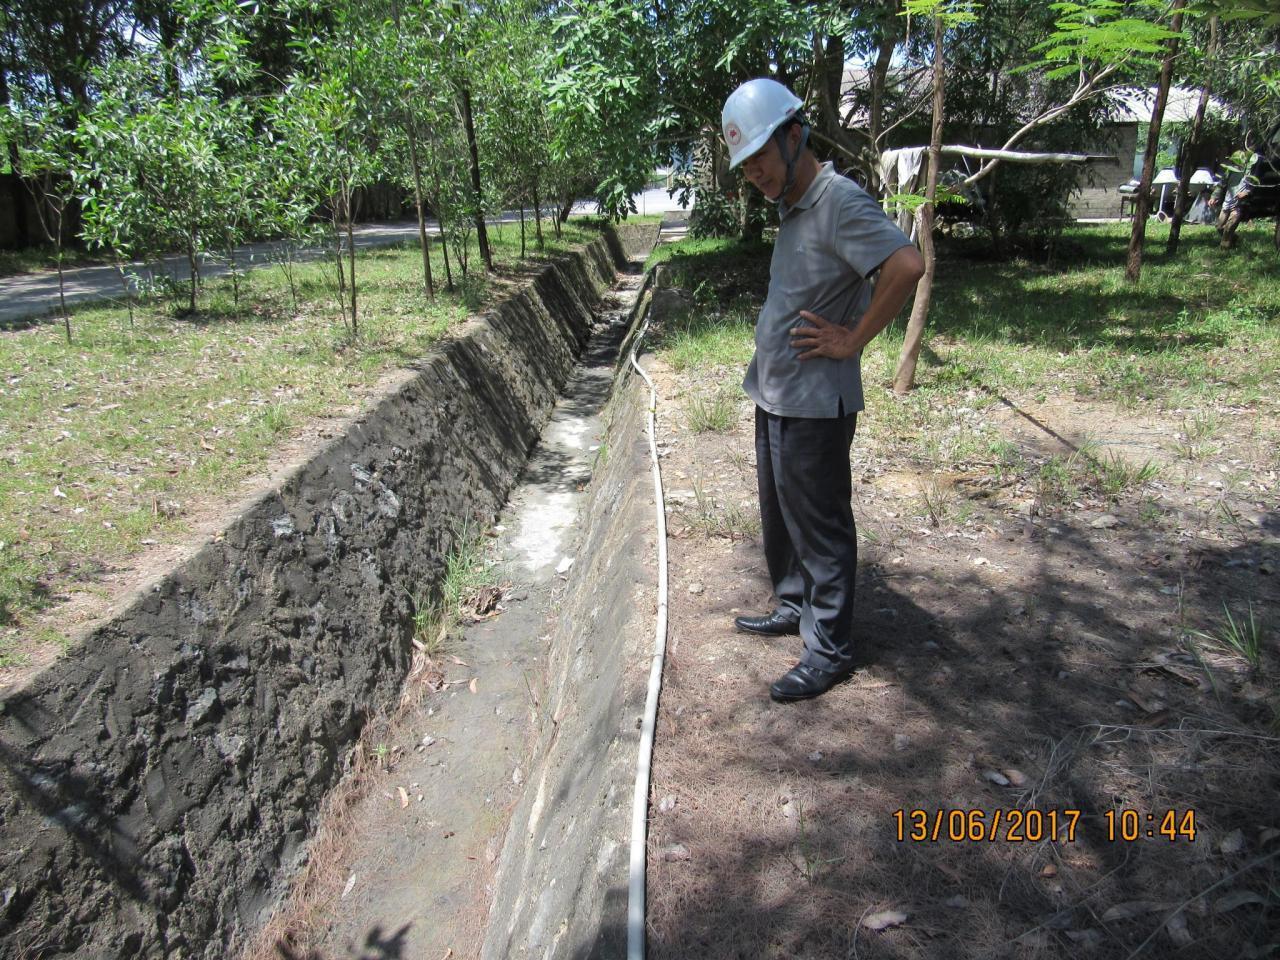 Công ty xi măng sông Gianh tích cực khắc phục hậu quả sau phản ánh của báo chí